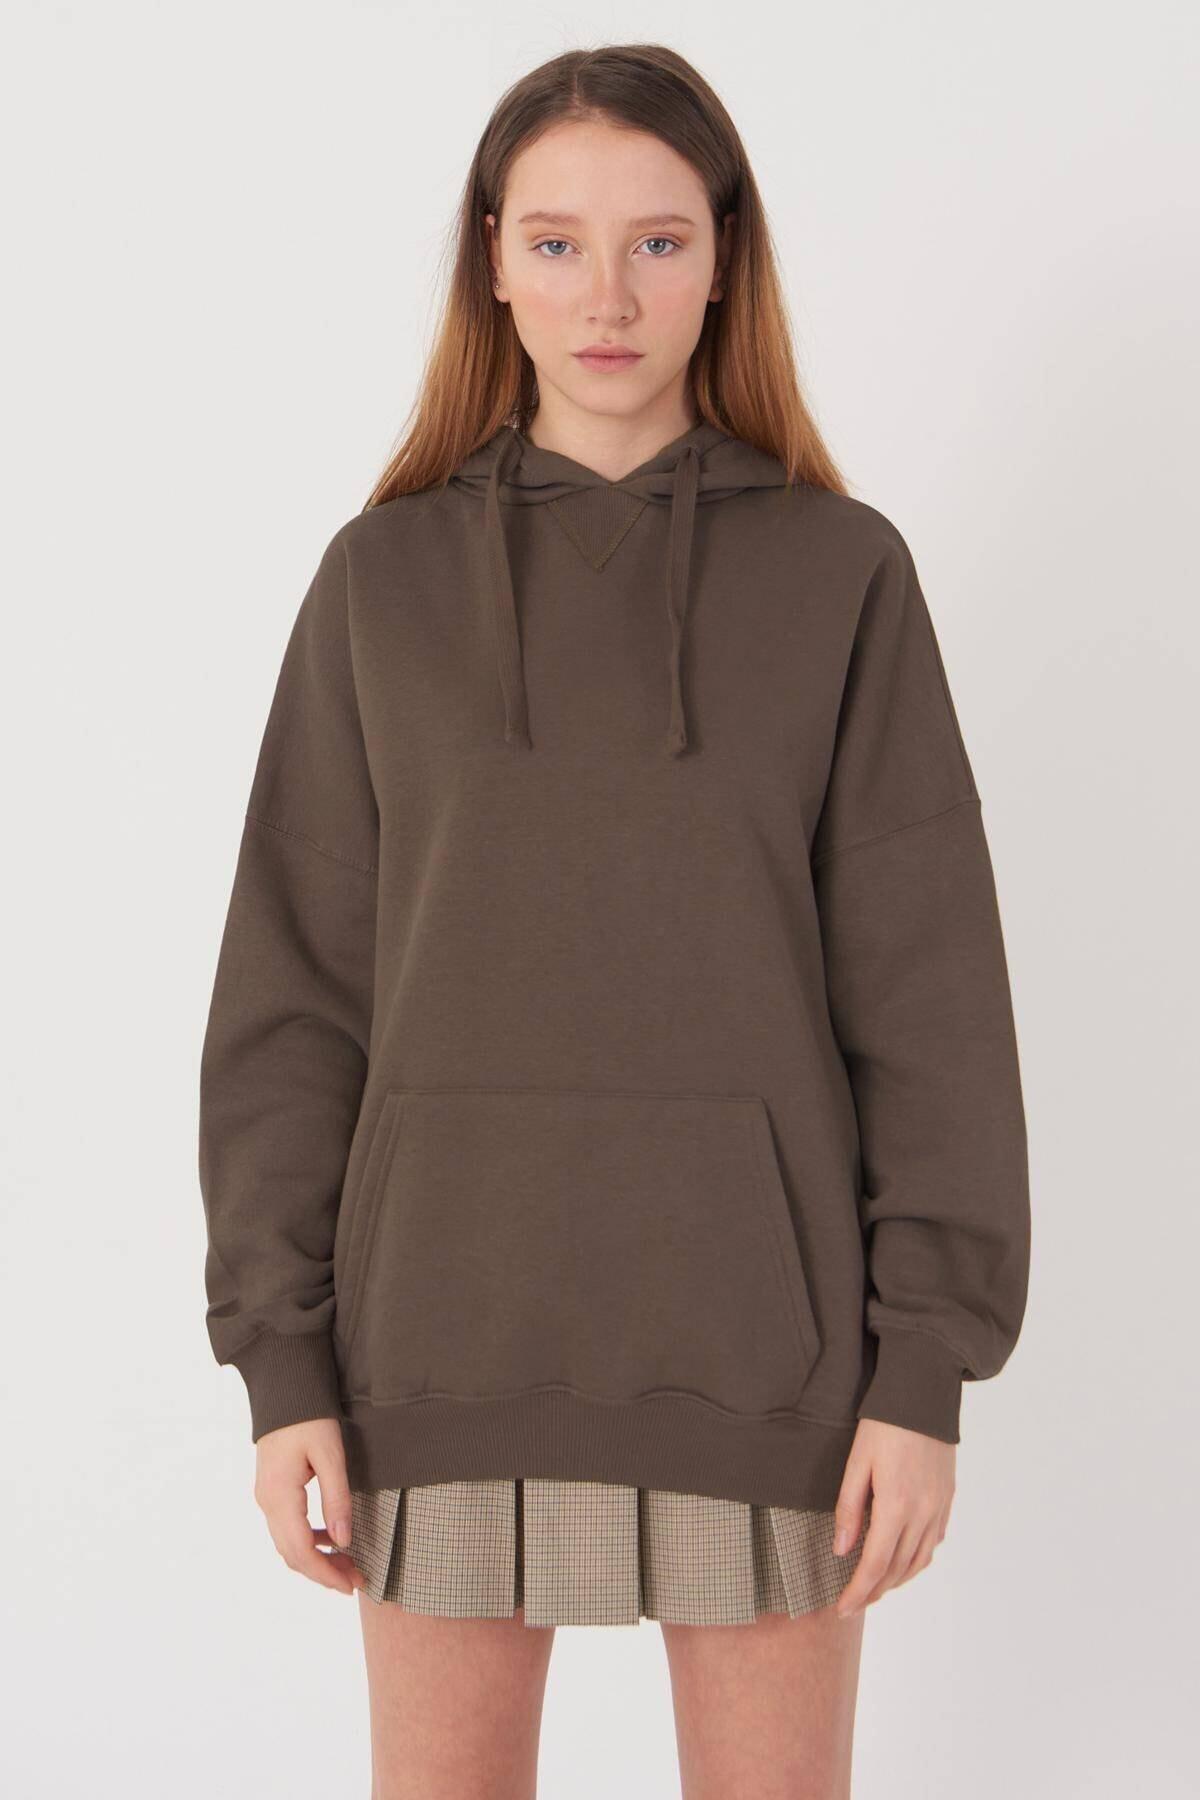 Addax Kadın Vizon Kapüşonlu Sweatshirt S0519 - P10V1 Adx-0000014040 0